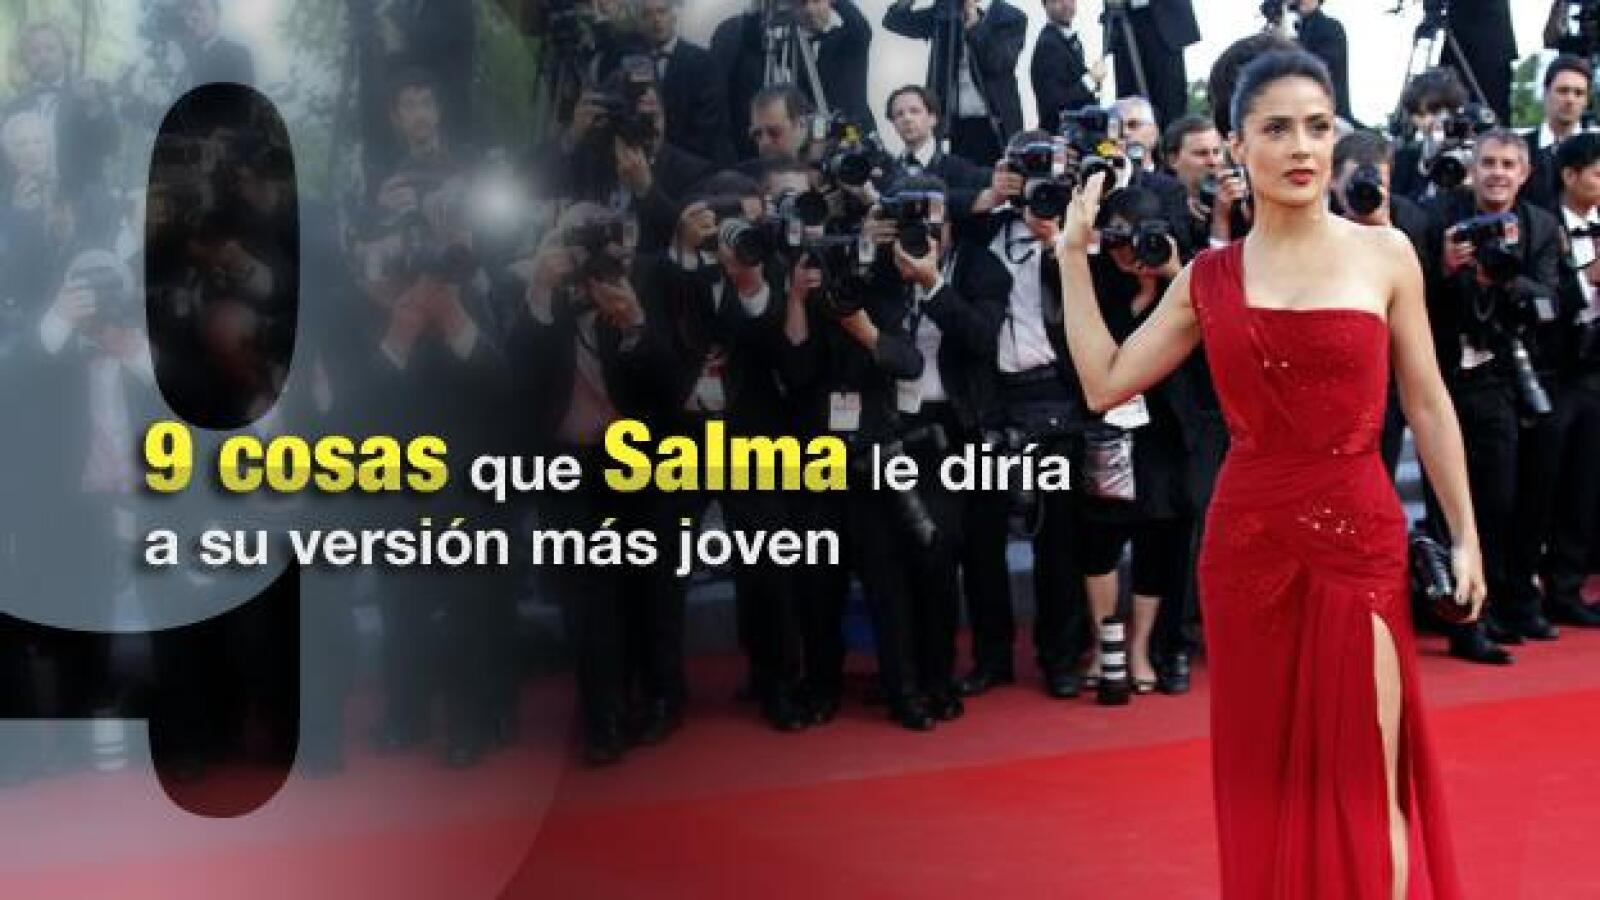 salma-galeria1